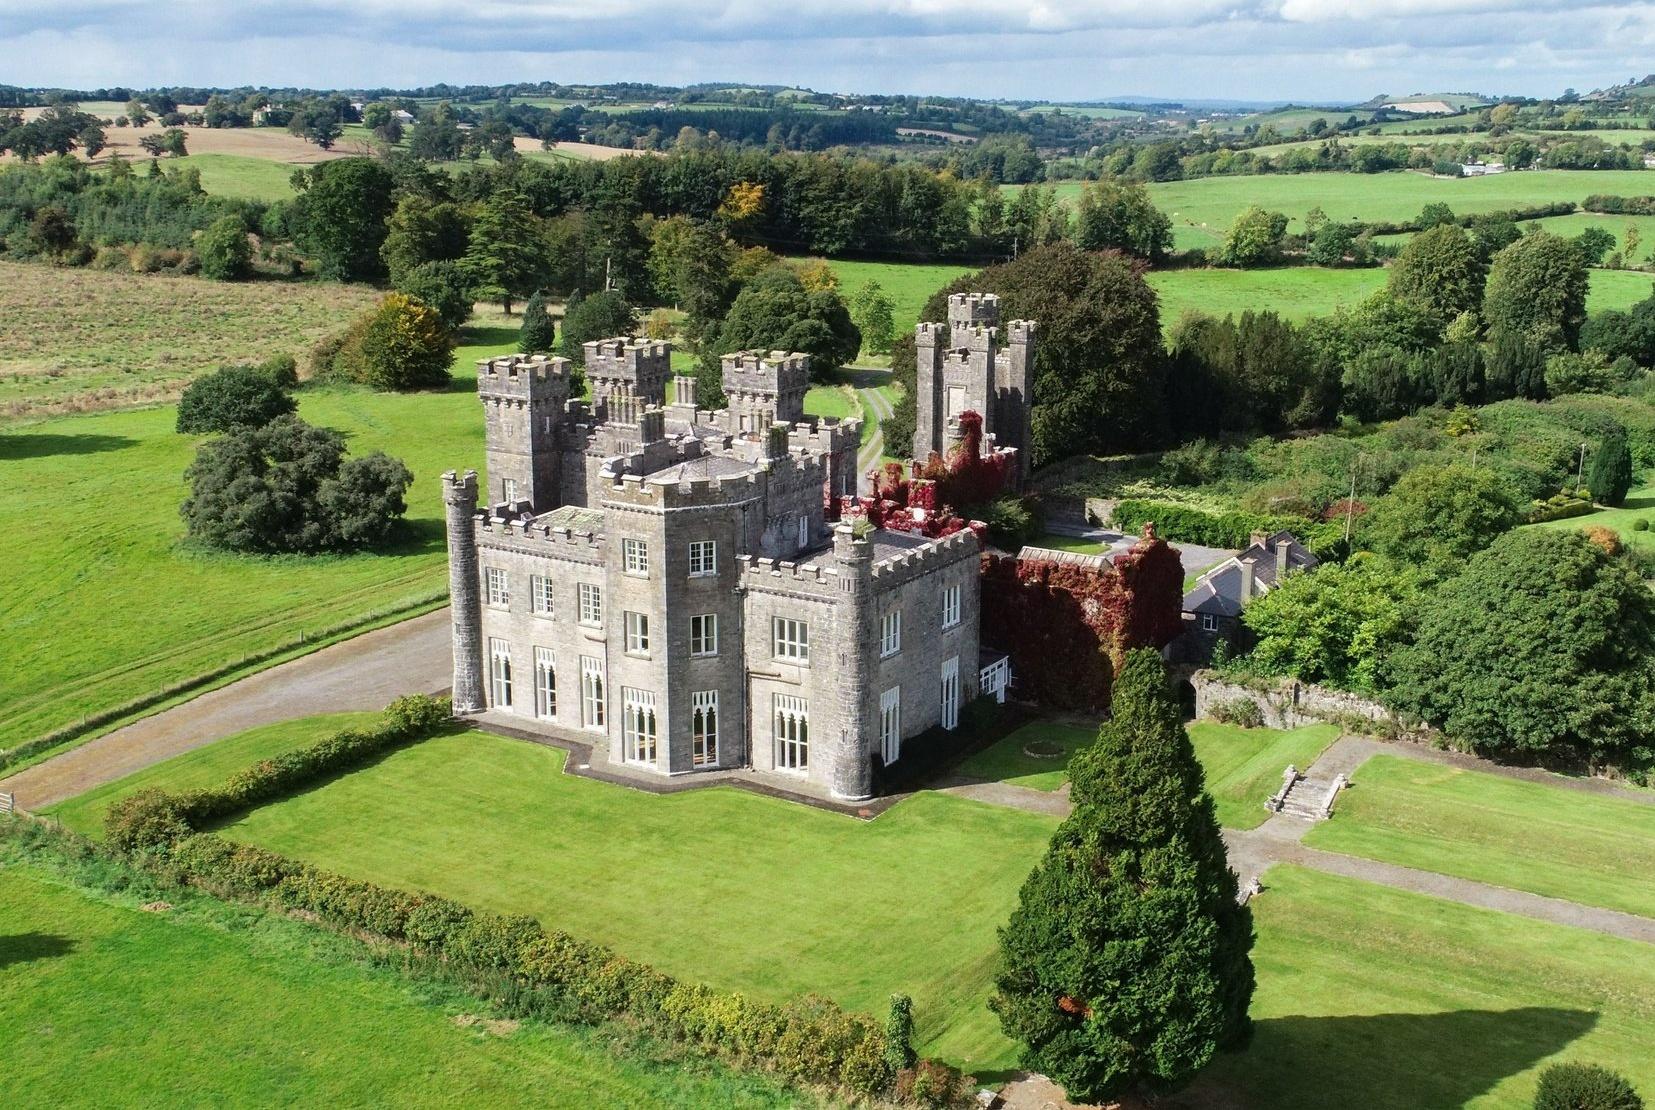 Modern castle houses: Knockdrin castle, Leinster, Ireland (appox. US$5,428,144).